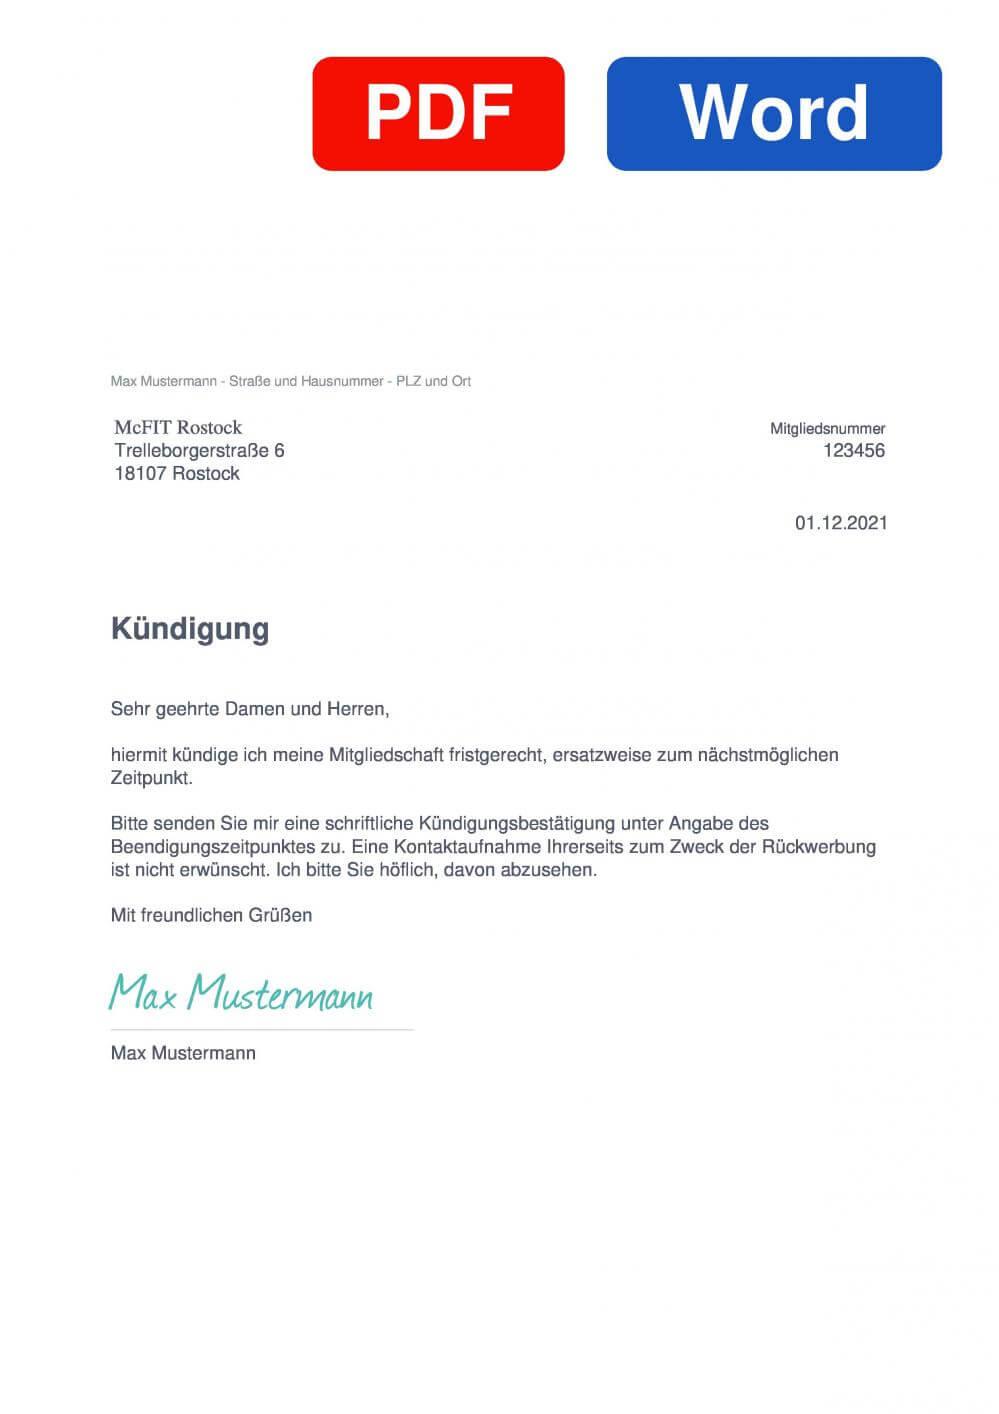 McFIT Rostock Muster Vorlage für Kündigungsschreiben